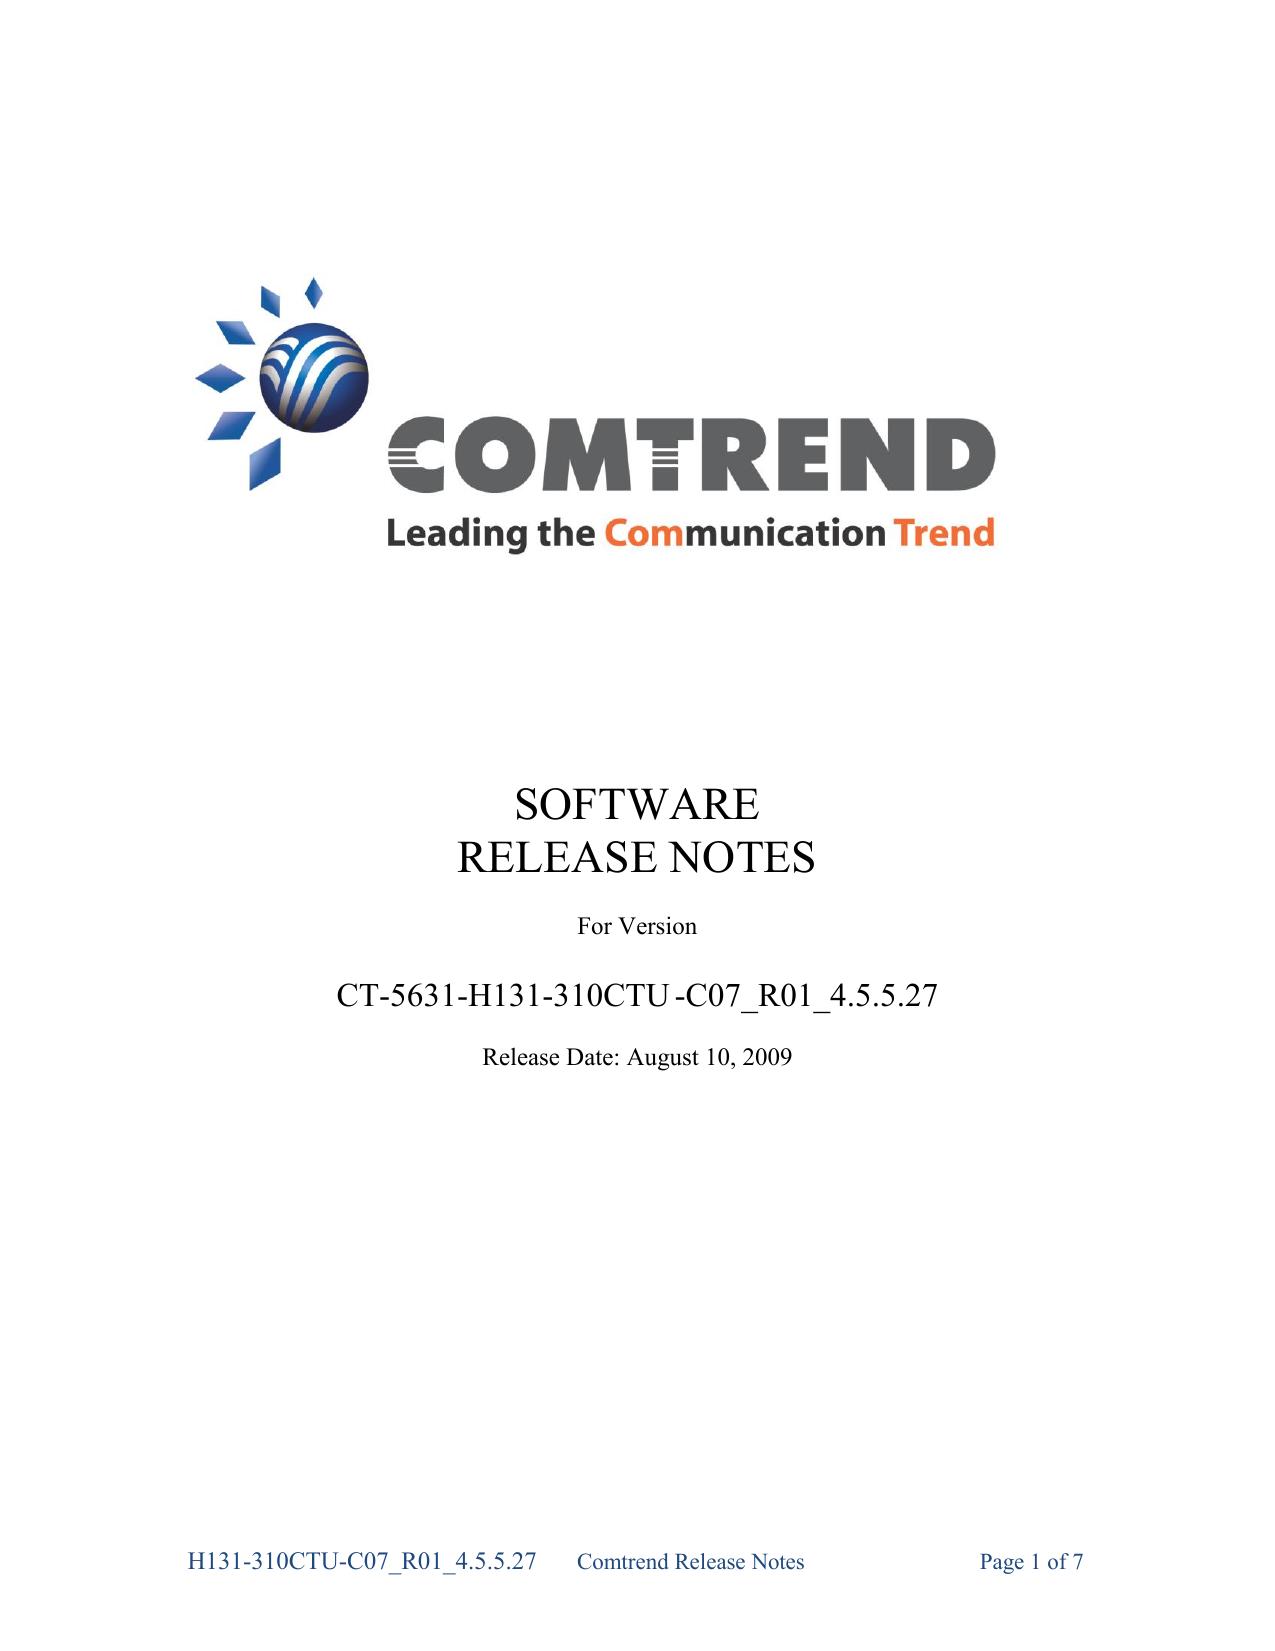 Customer Release Notes CT 5631 H131 310CTU